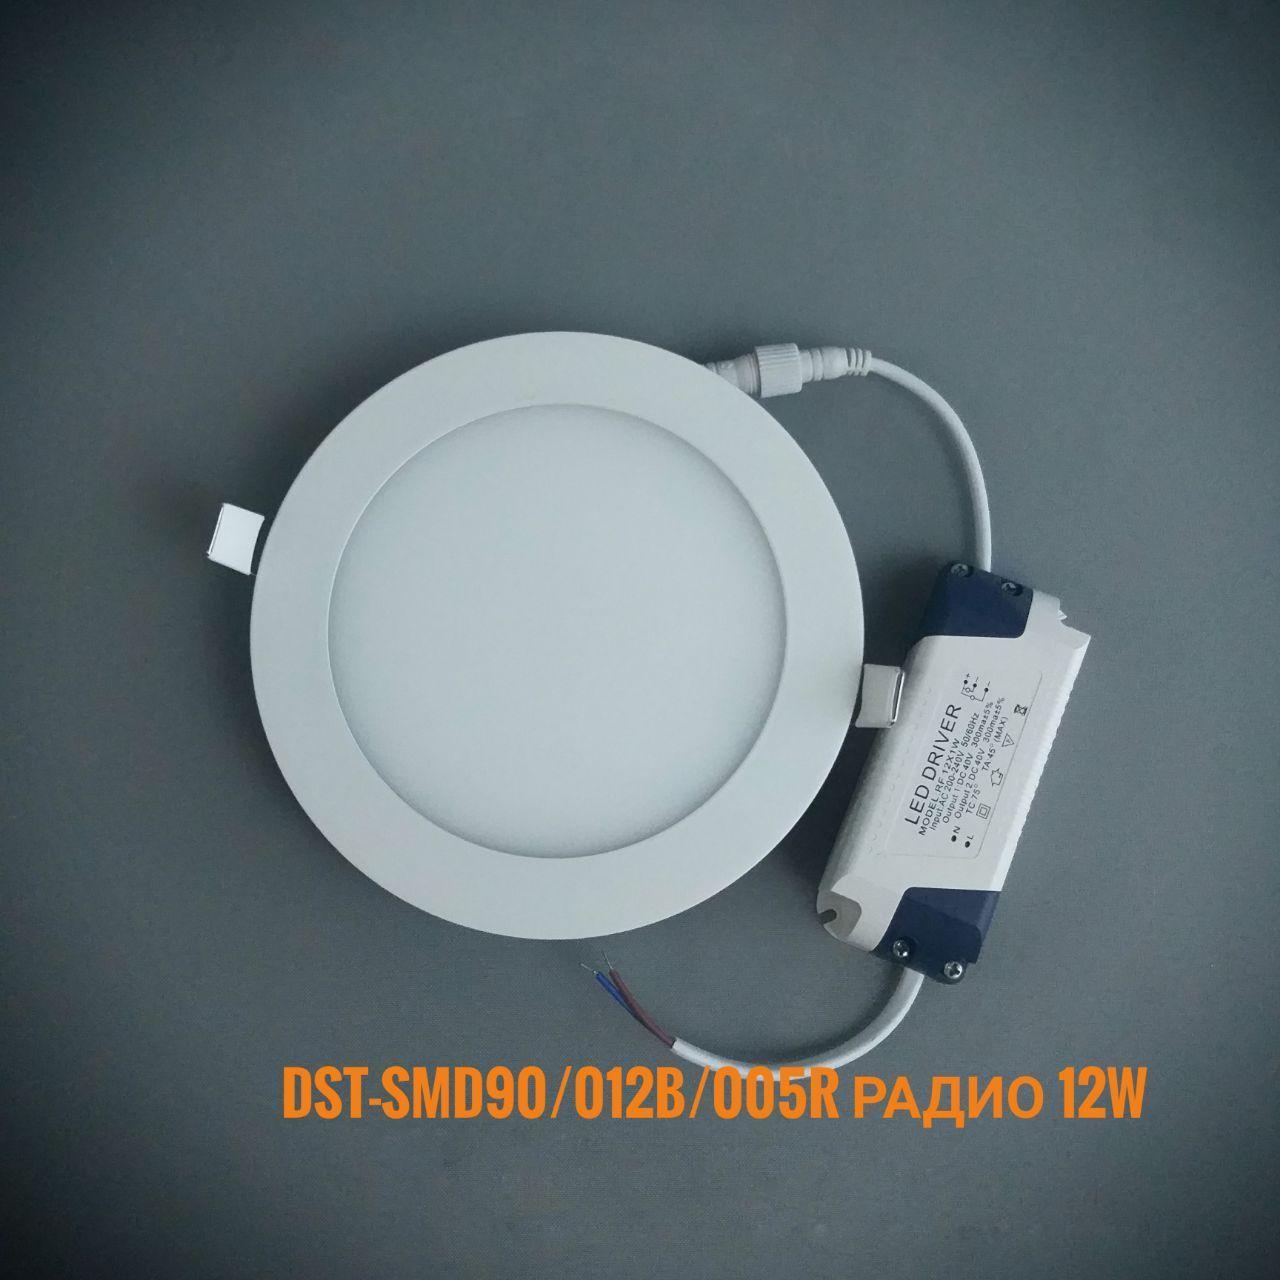 Светодиодная панель круг врезной DST-SMD90/012В/005R WW/NW/CW 12W(радио)